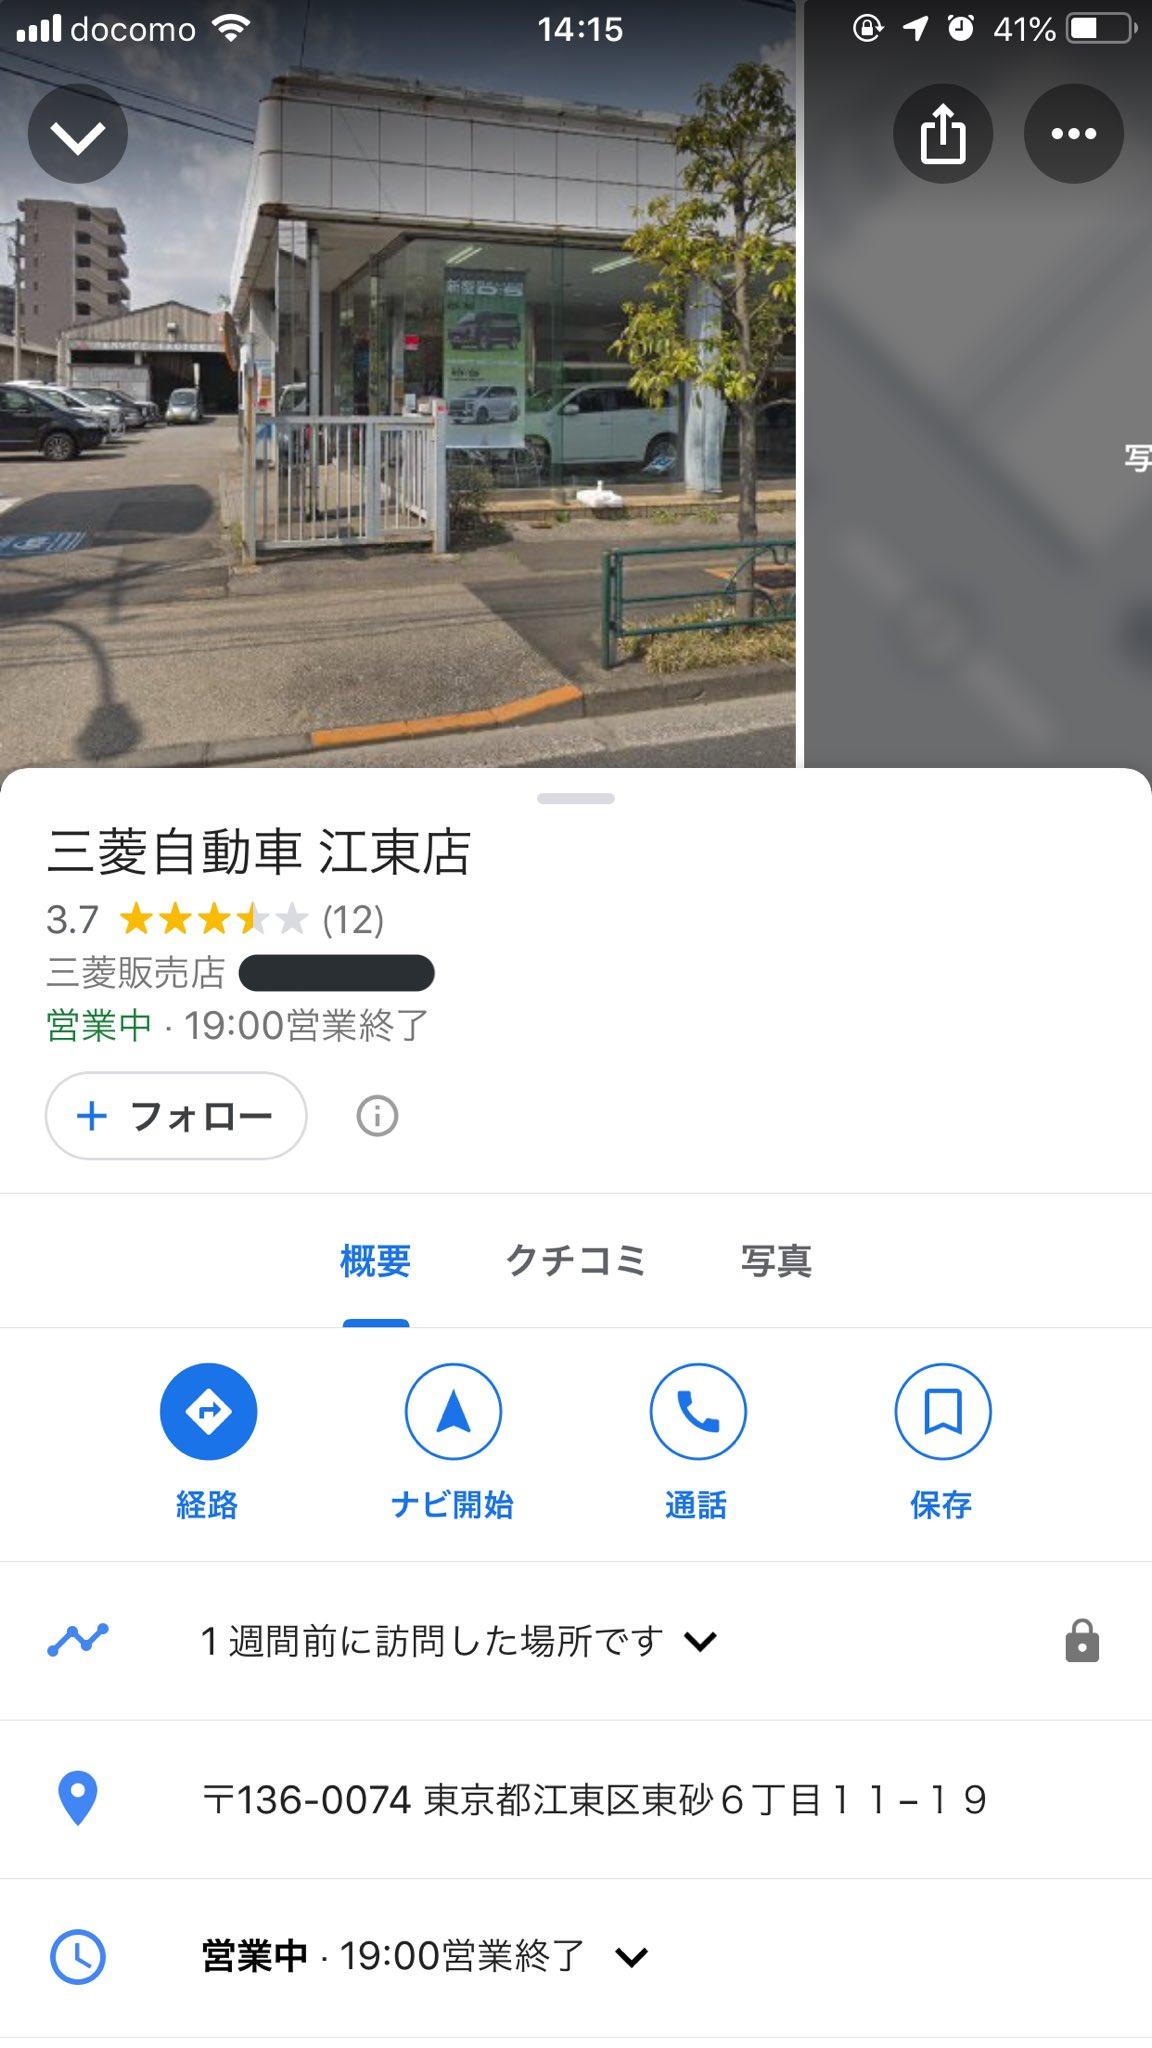 三菱自動車 倒産確率